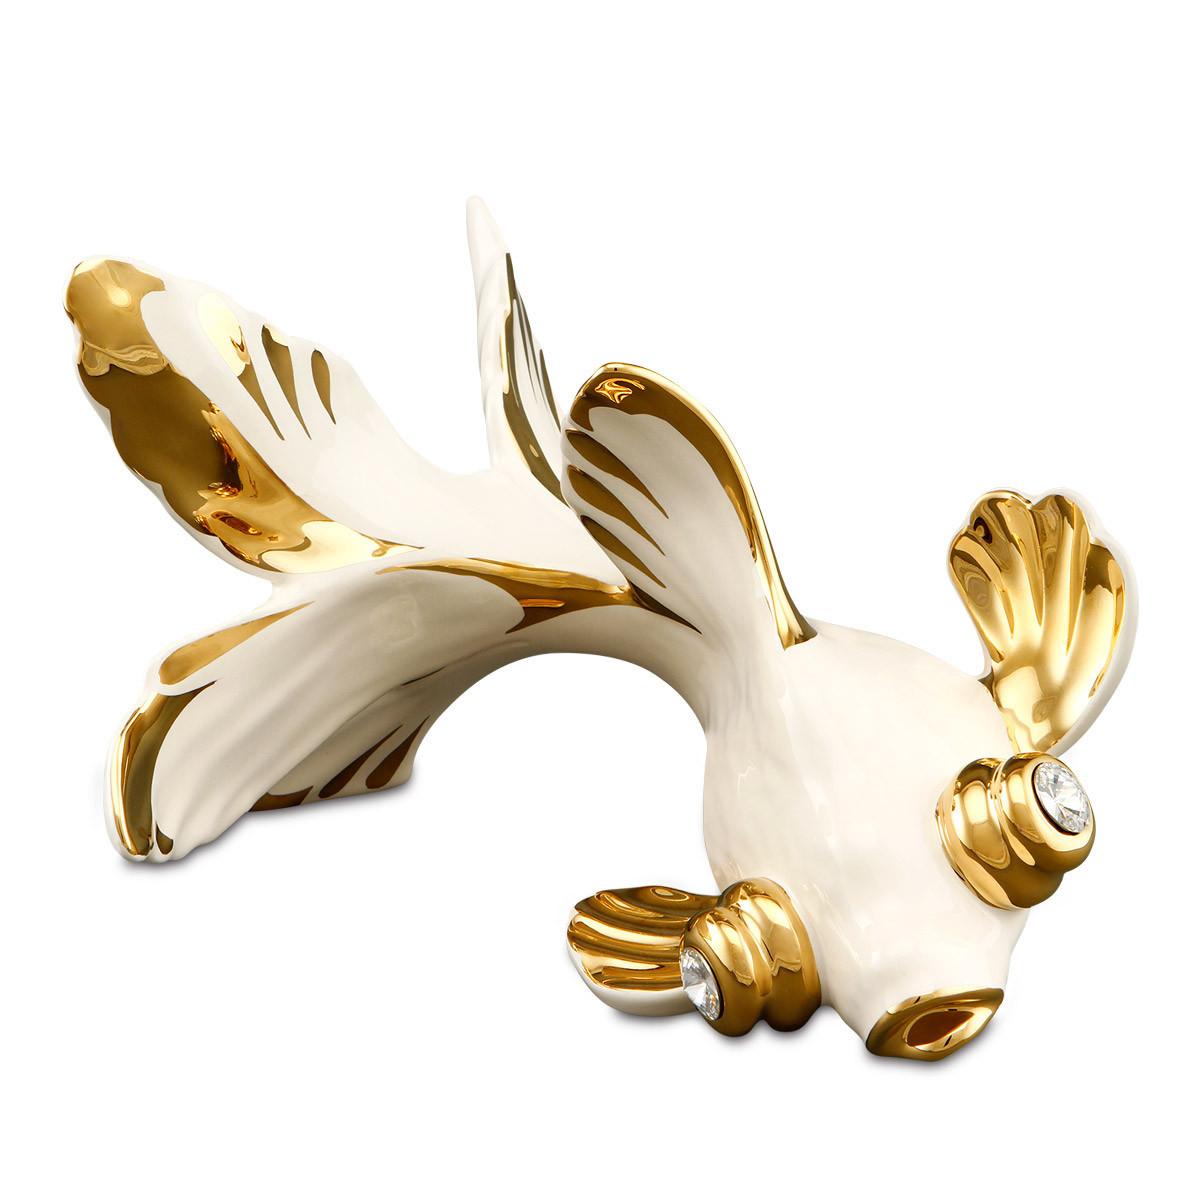 Статуэтка Золотая рыбка. Ручная работа, керамика. Италия